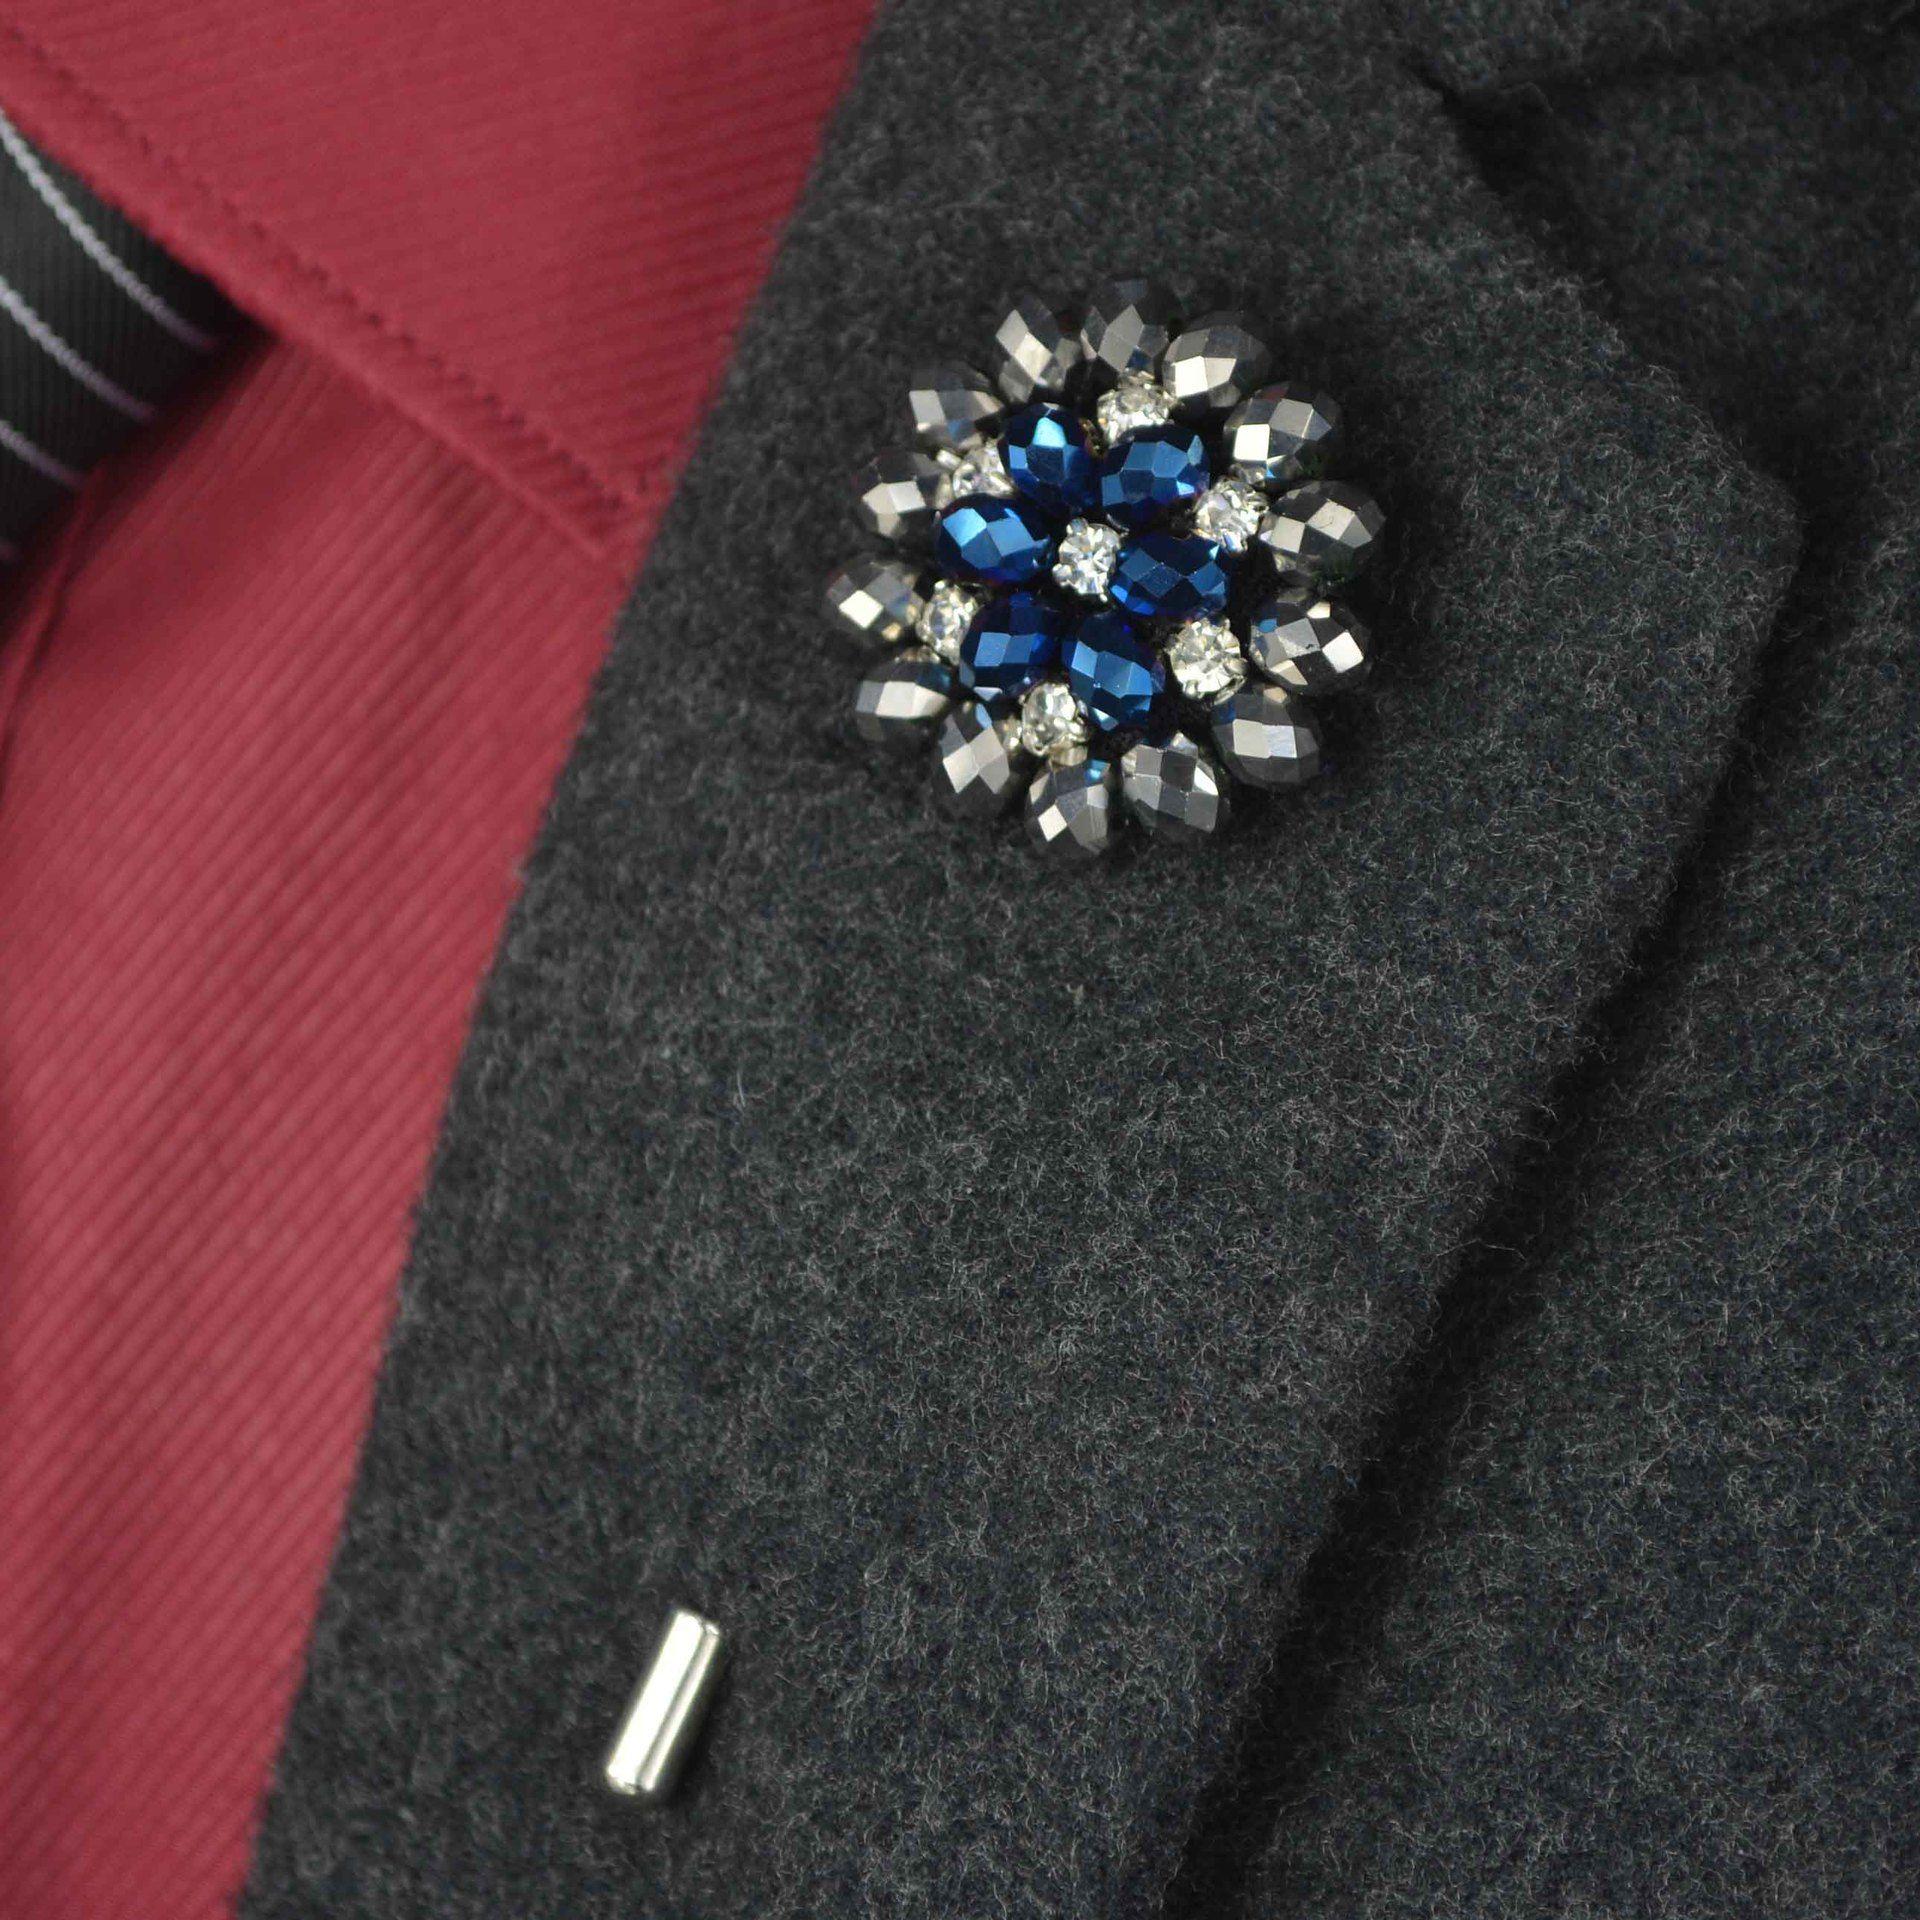 23 TARZLAR Vintage Karışık Takı Elmas Broş Zinciri Erkekler Suit Yaka Broş Broche Yaka Pin Broş Kadınlar Takı Aksesuar